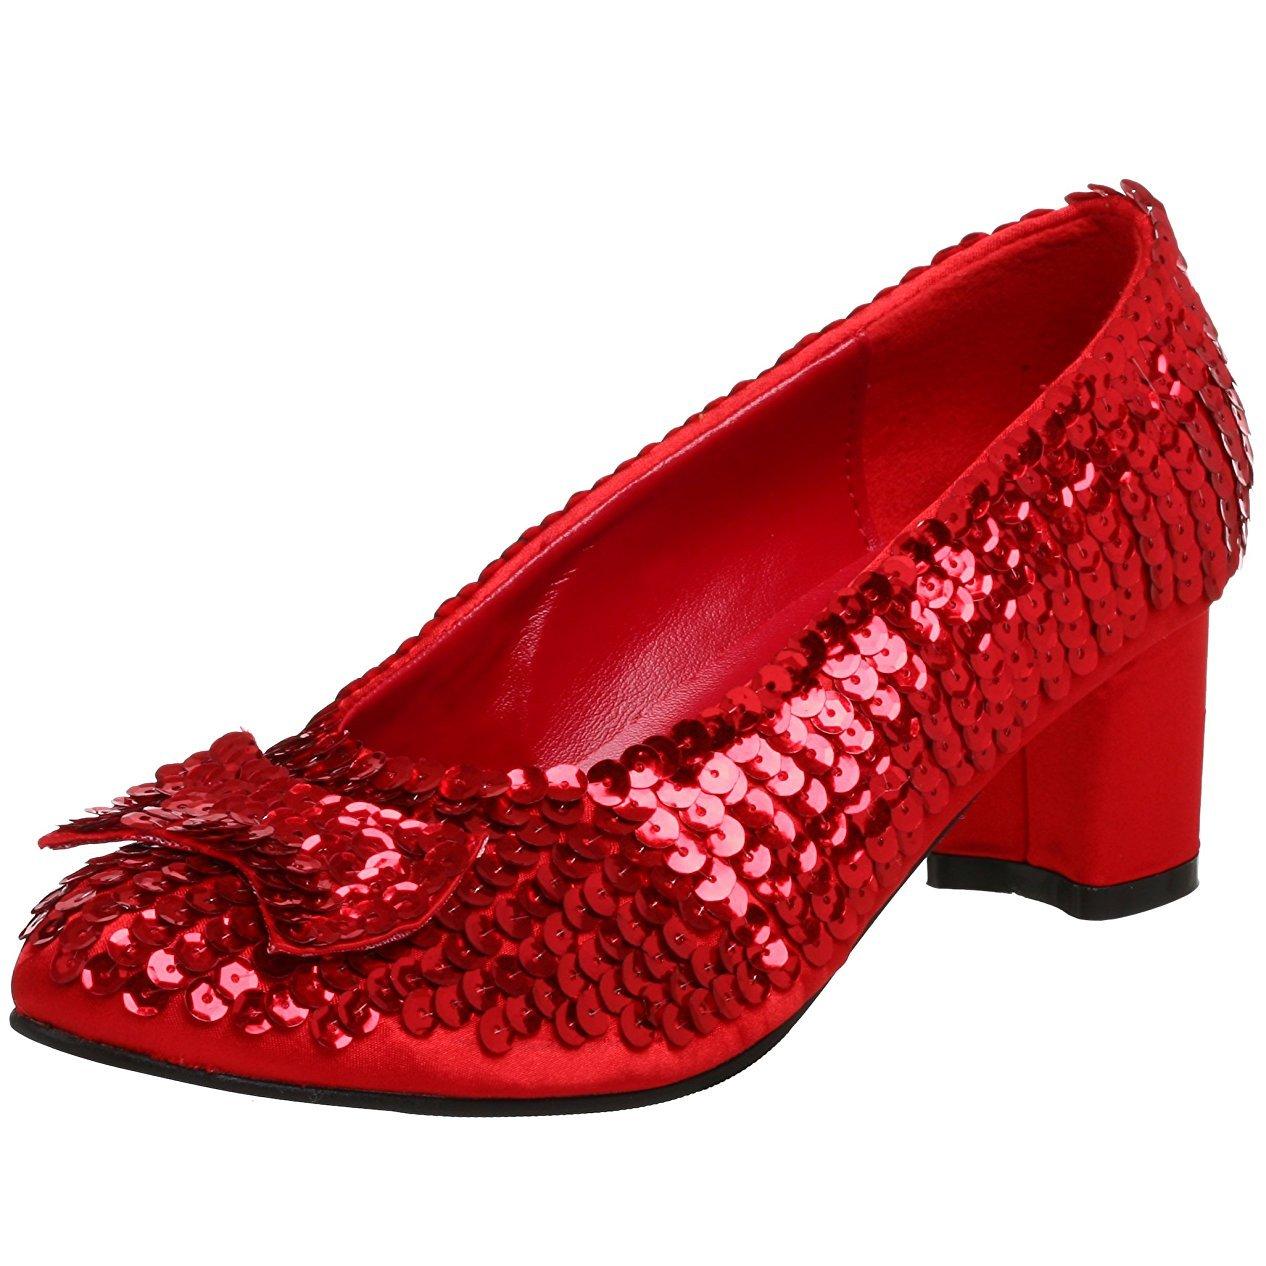 Amazon.com  Shoe Sequin Rd Womens Lg 10  Shoes 44df43a169